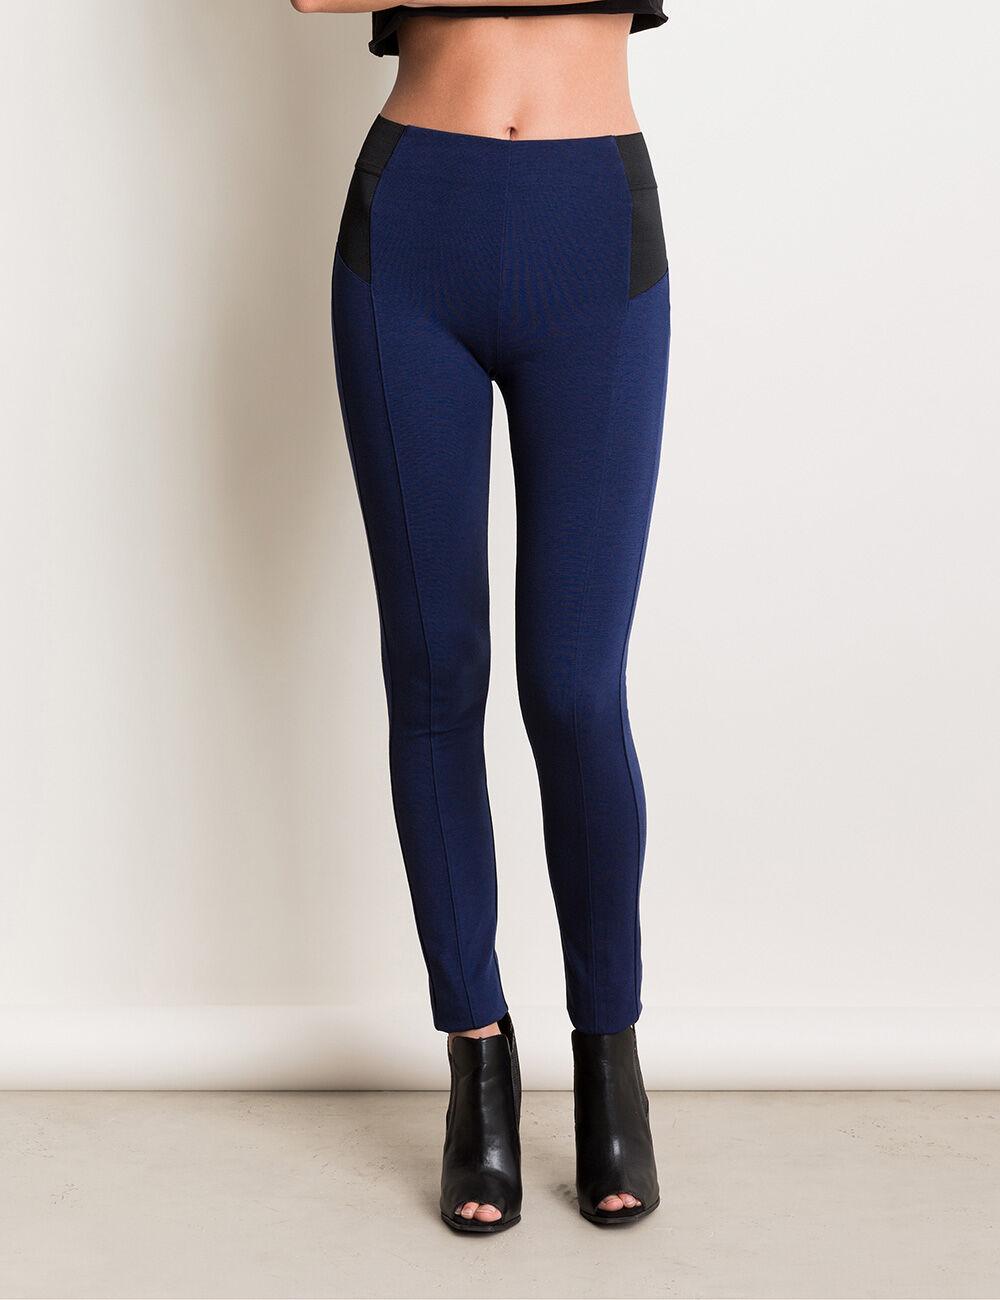 pantalon en milano bleu marine femme jennyfer. Black Bedroom Furniture Sets. Home Design Ideas